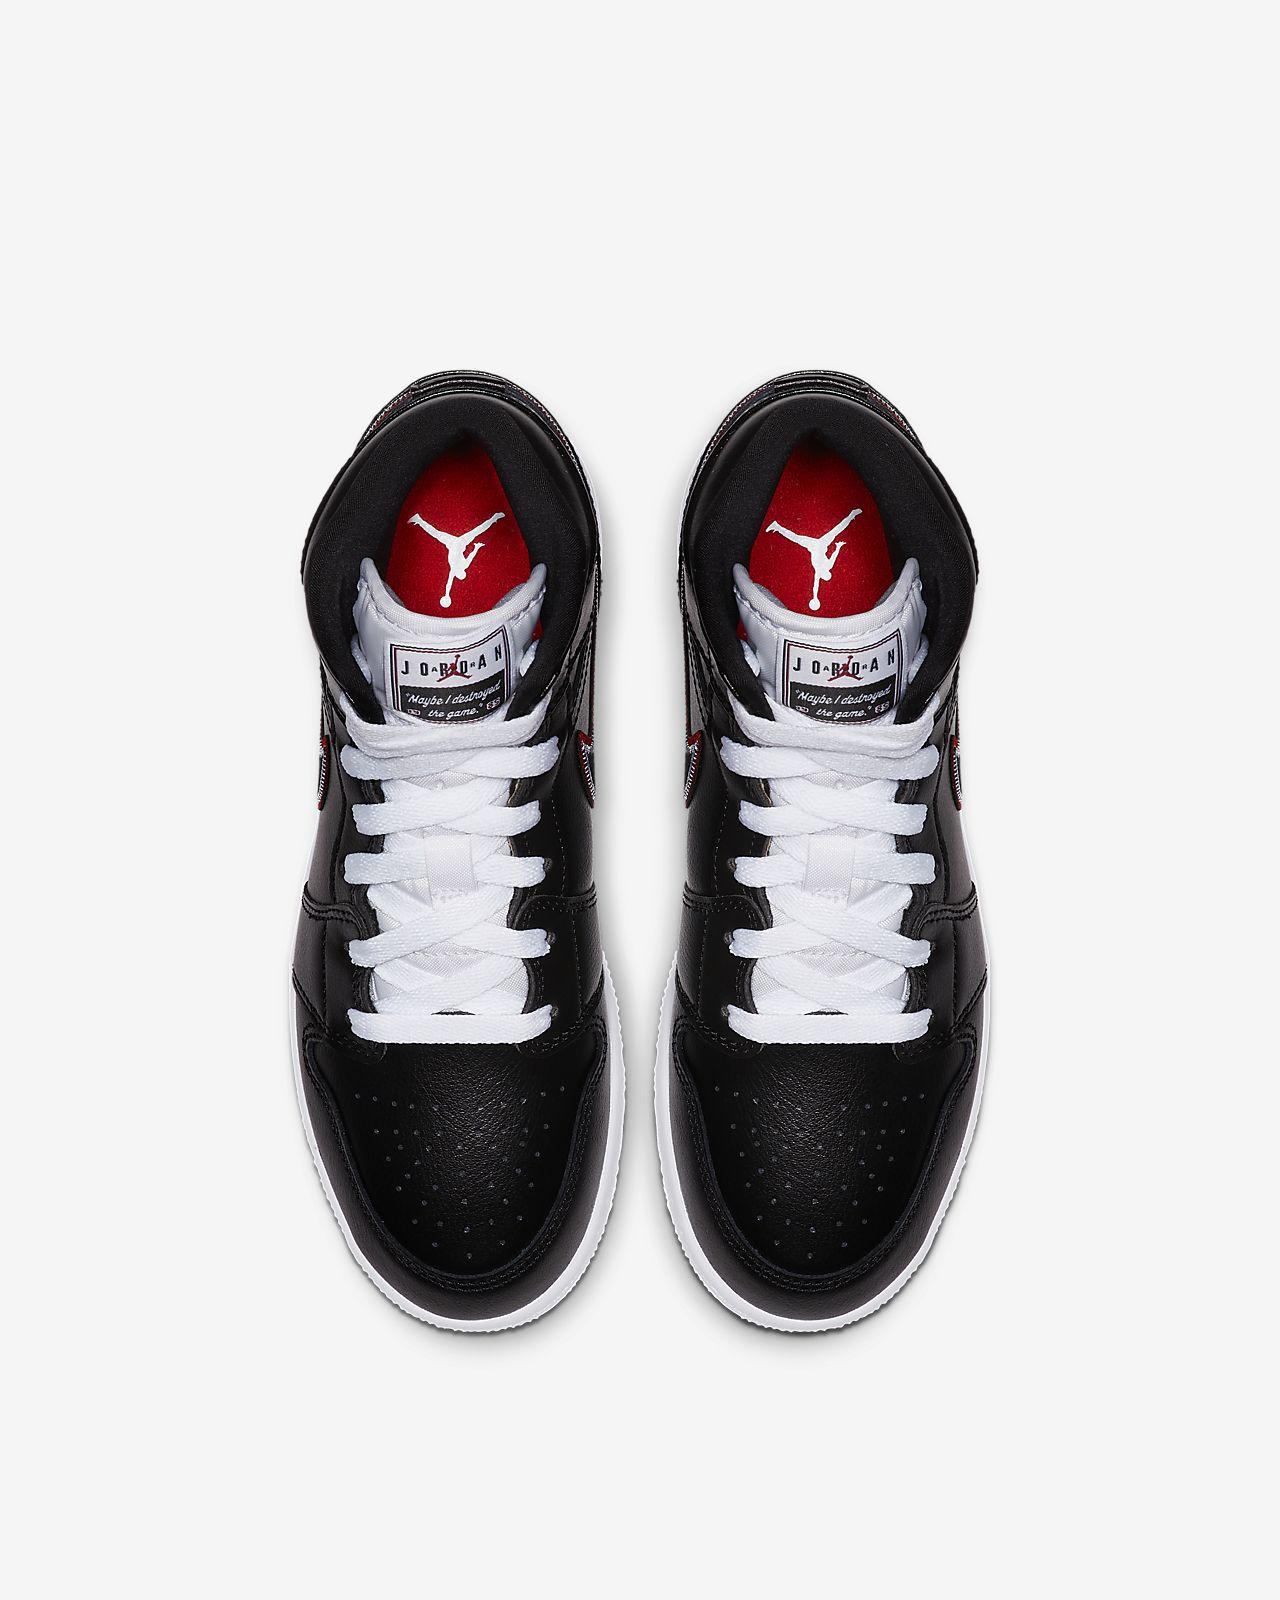 c8bb3f48e13 Air Jordan 1 Mid SE Big Kids' Shoe. Nike.com